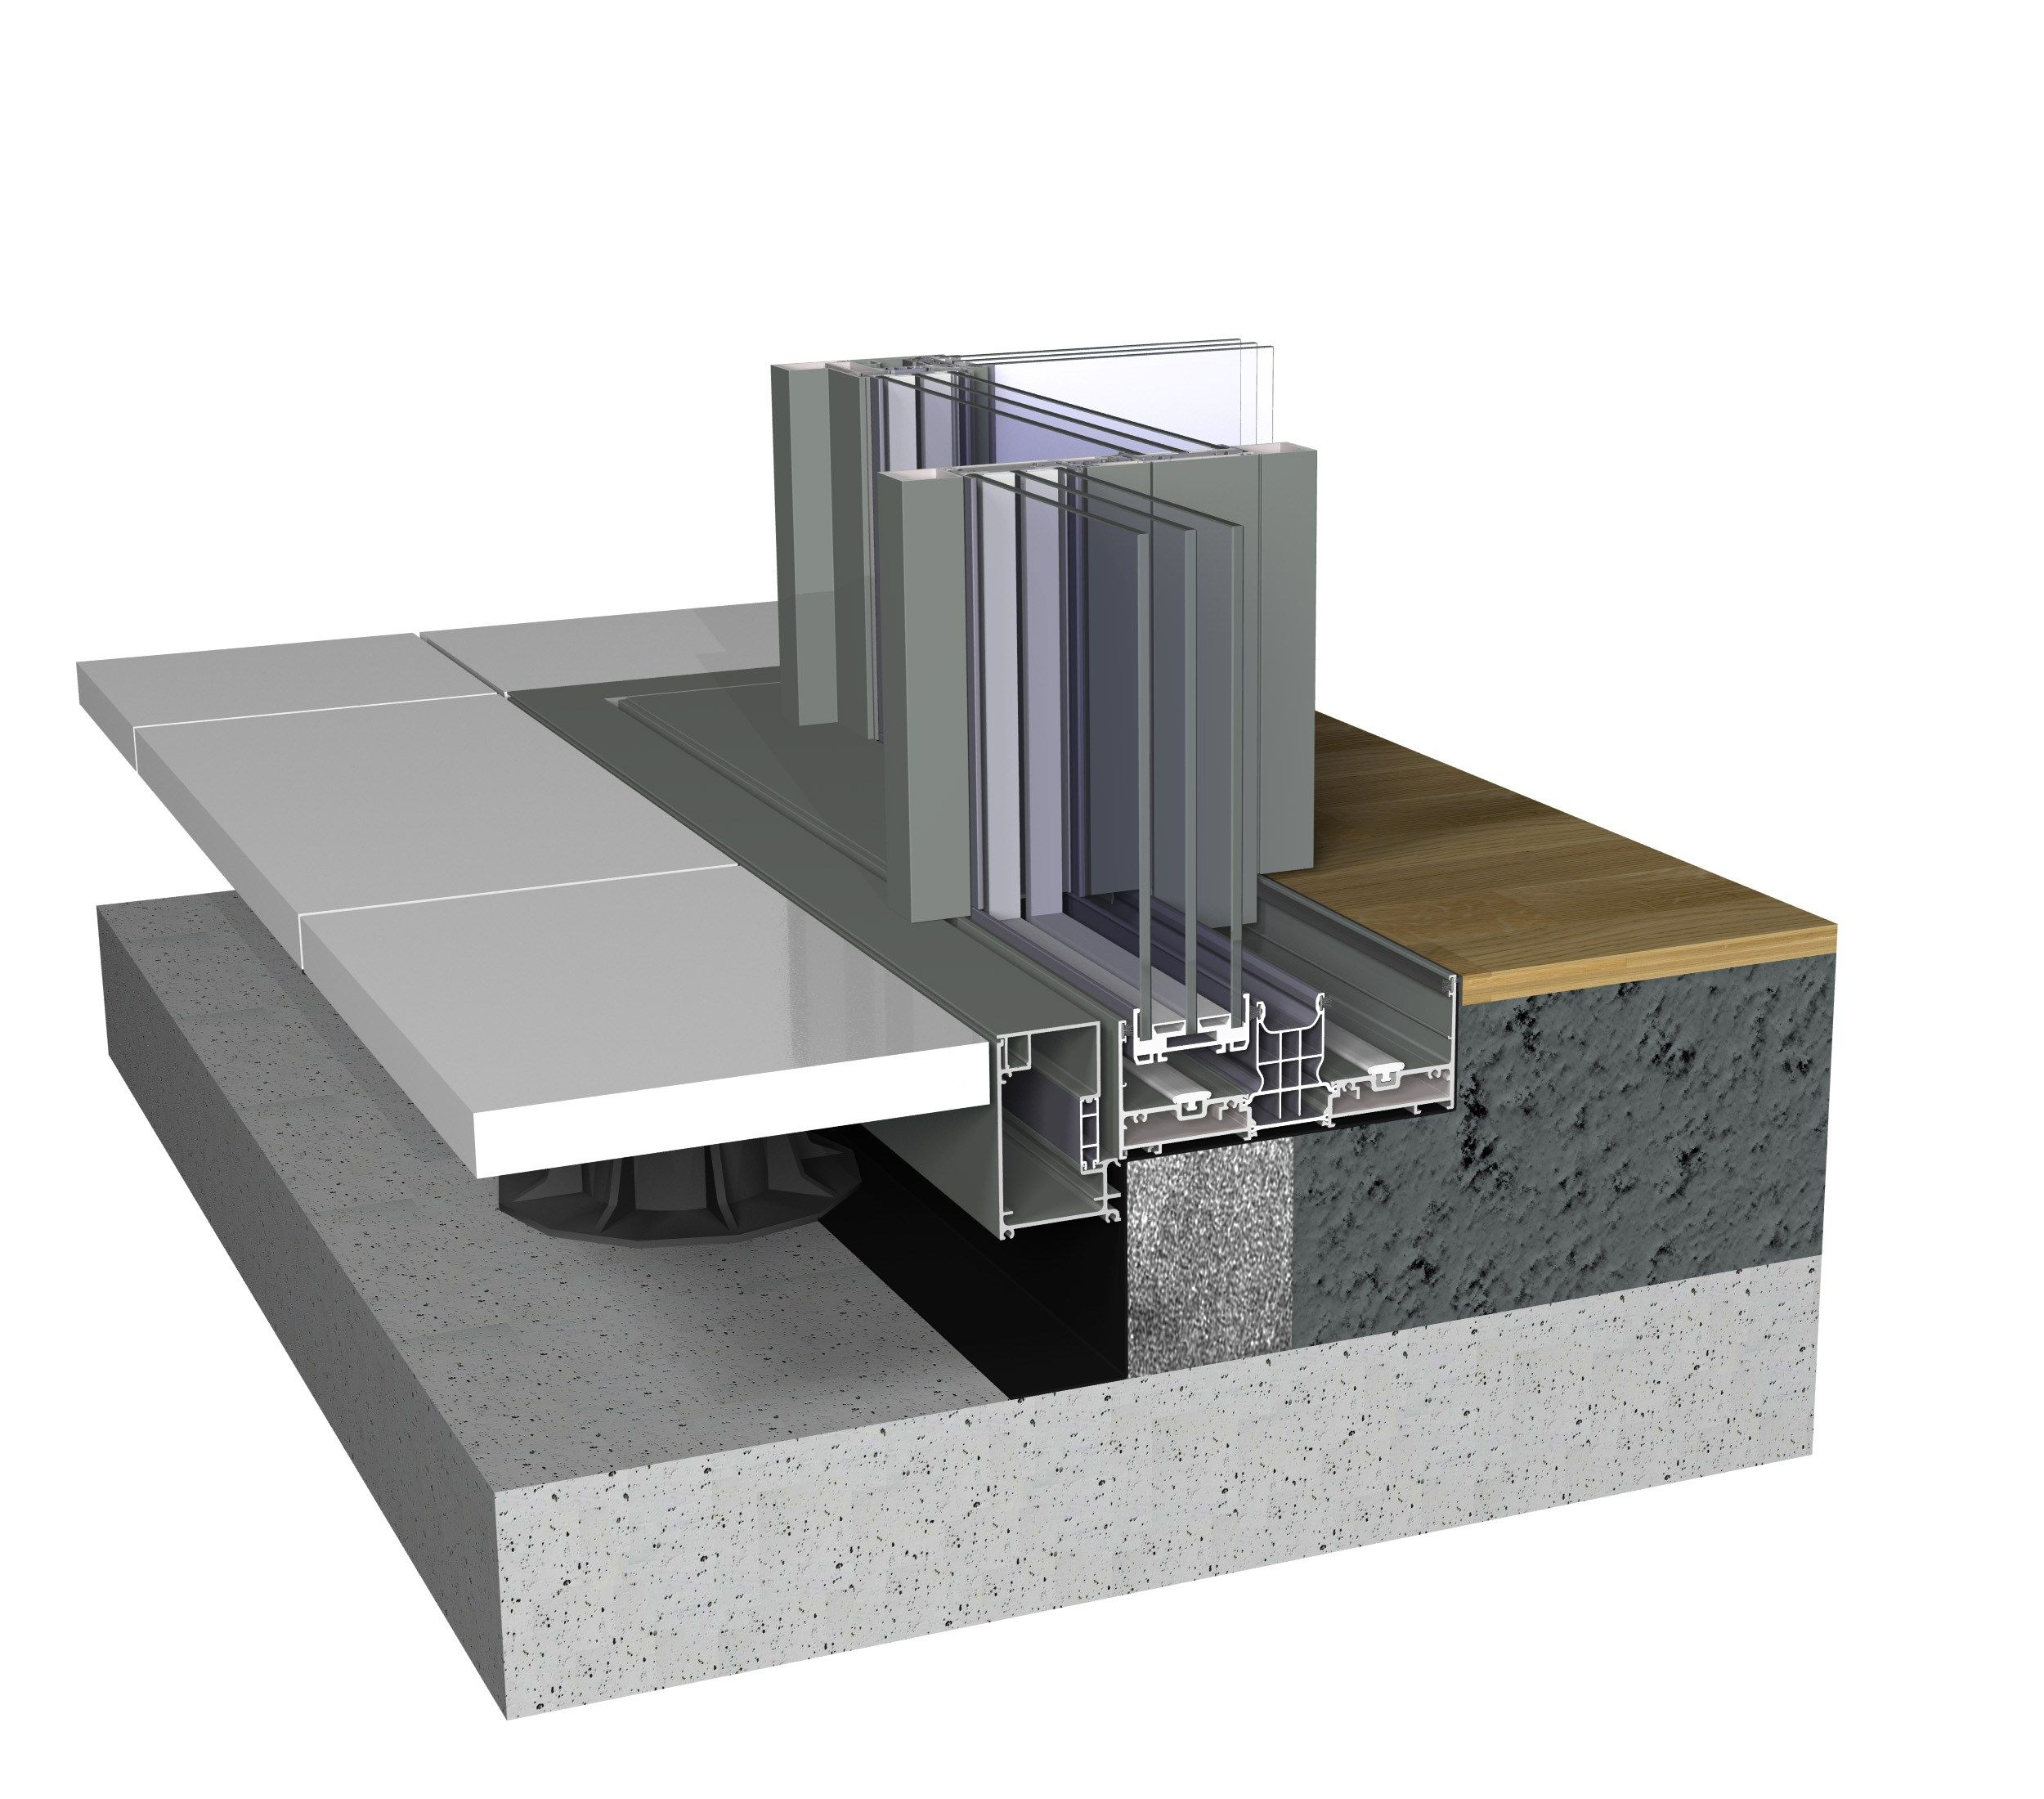 a50d8e9774d830ec4d2d7adb86202444 Frais De Table Aluminium Jardin Concept